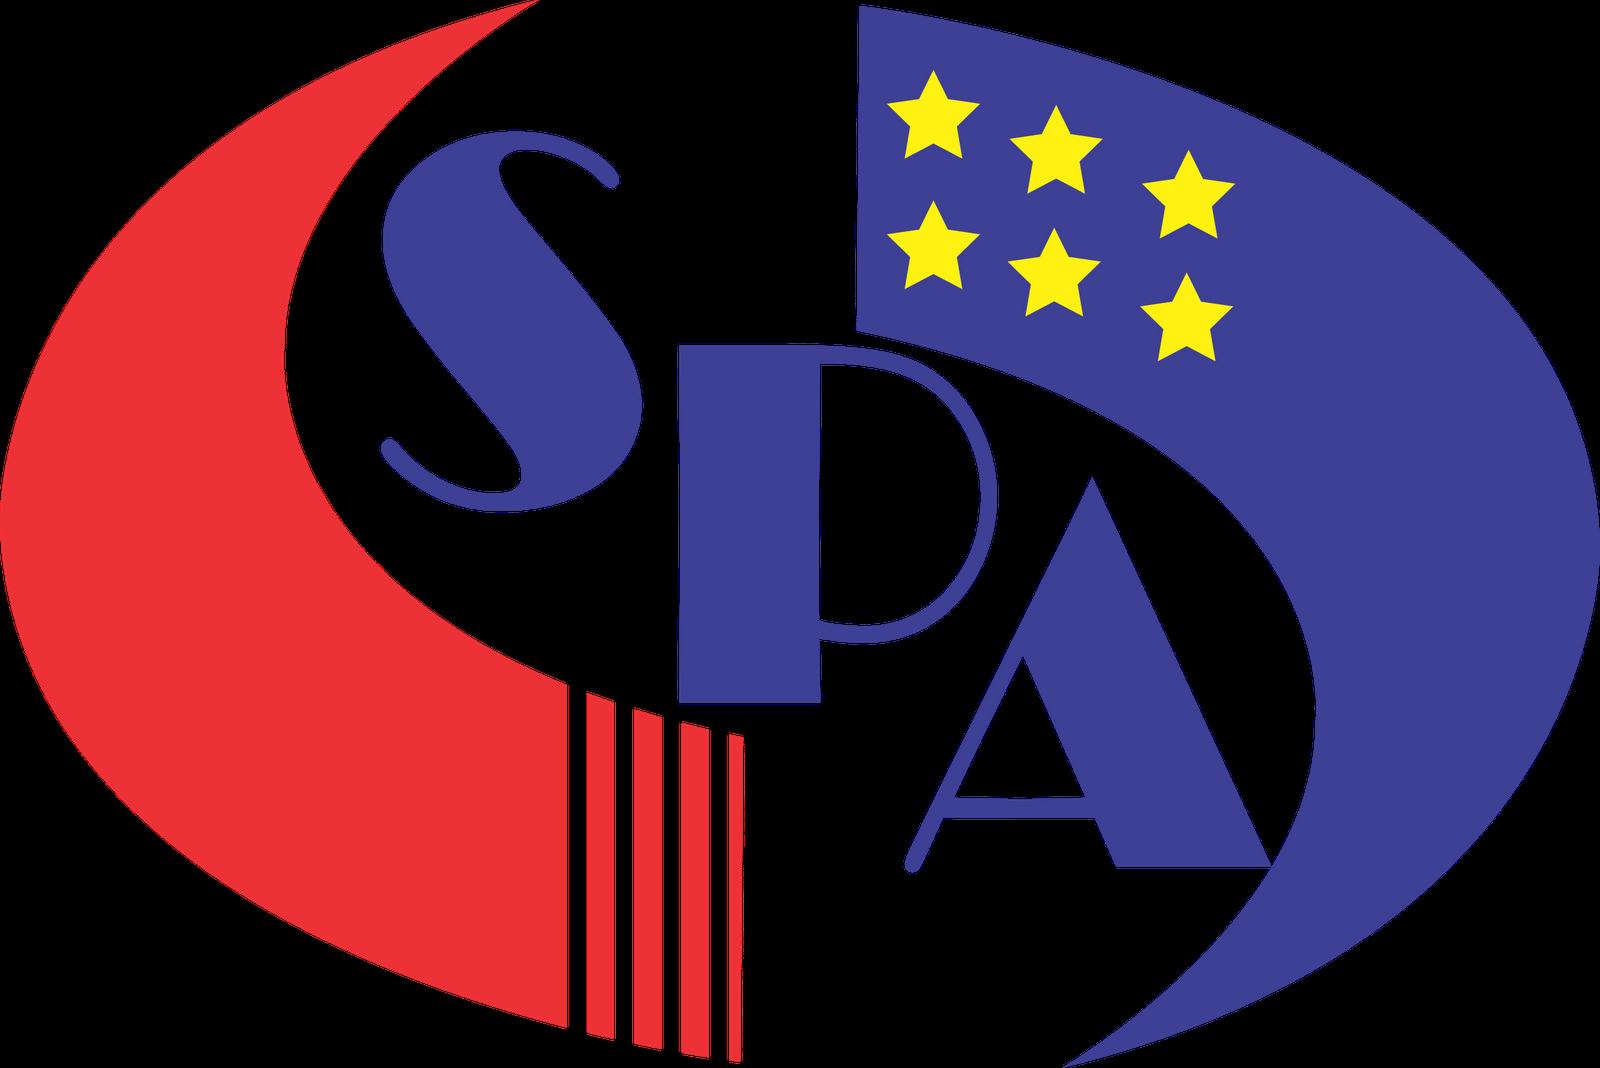 Jawatan Kerja Kosong Suruhanjaya Perkhidmatan Awam (SPA) logo www.ohjob.info disember 2014